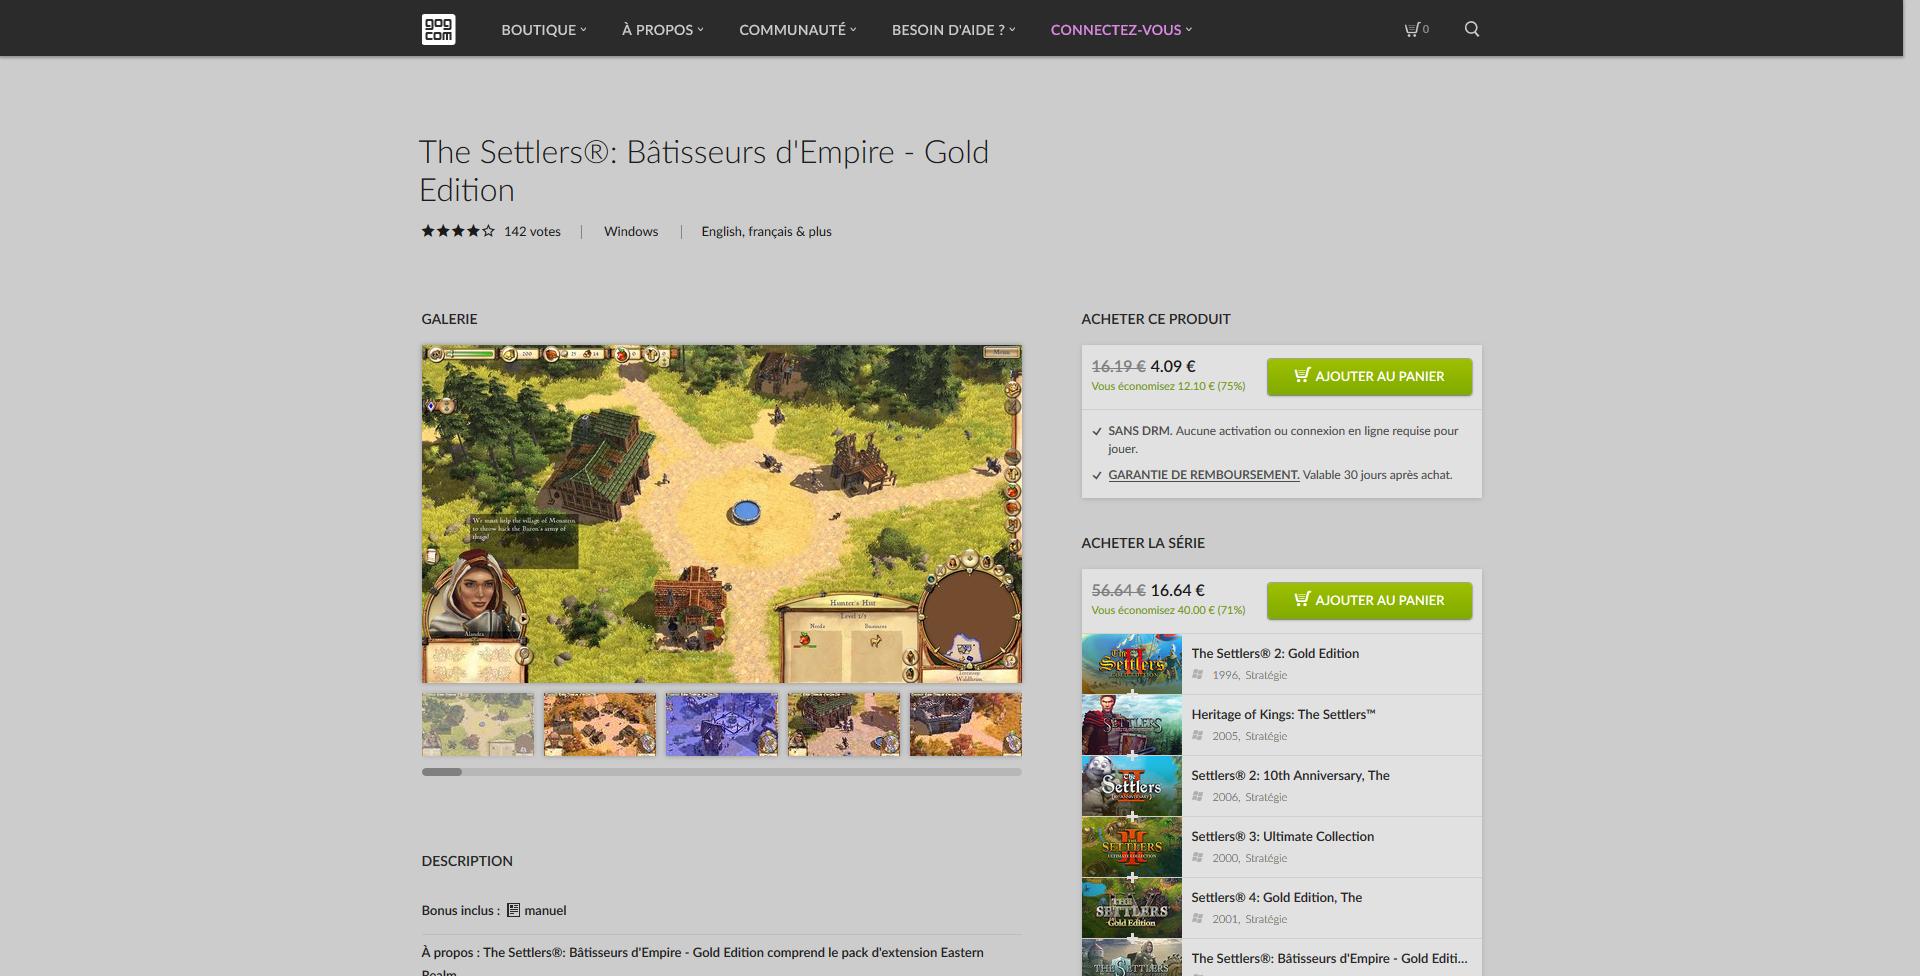 Les jeux Ubisoft en solde sur GoG.com